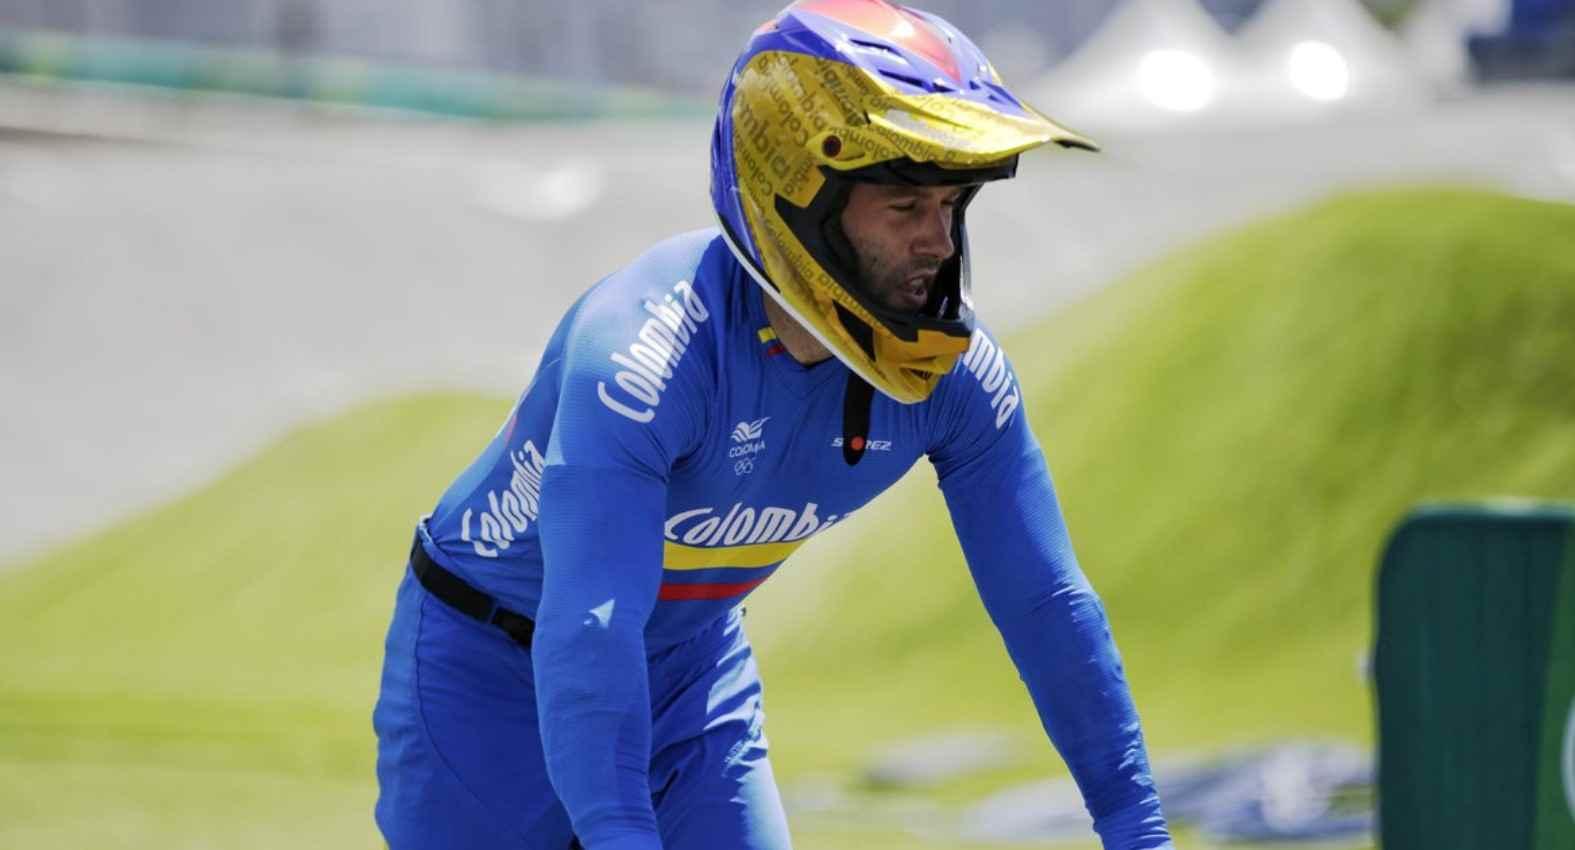 BMX masculino, con Pelluard y Ramírez en semifinales